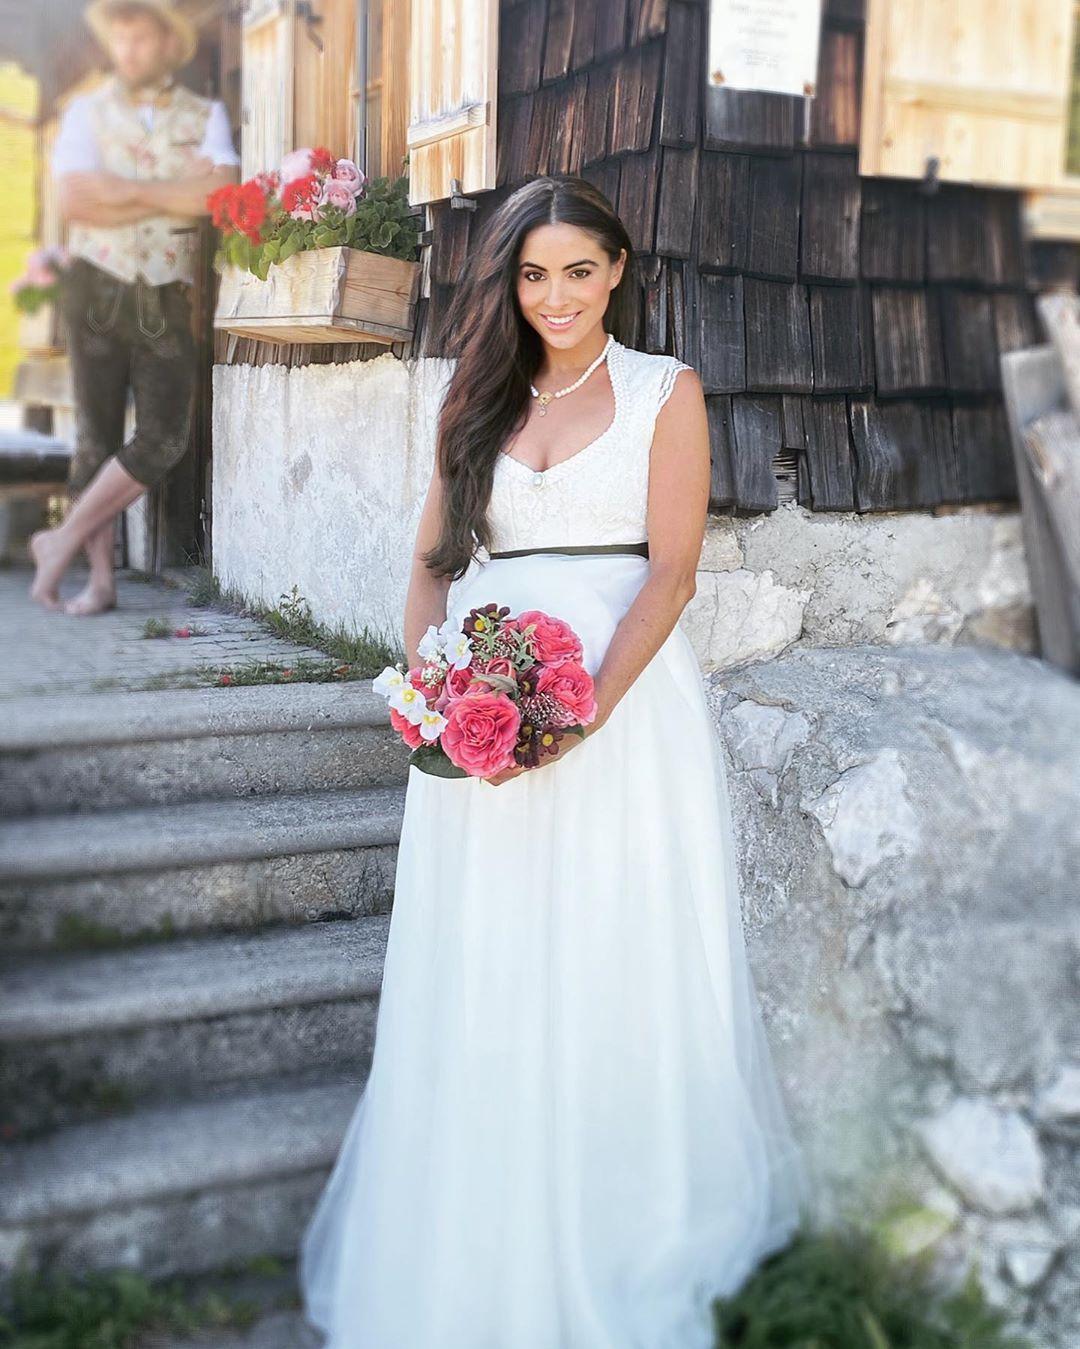 Brautdirndl Hochzeitsdirndl Auf Instagram Bald Sind Wir 3 Schwanger Heiraten Im Hochzeitsdirndl Von Www Tianvantastique Braut Dirndl Braut Trachten Hochzeit